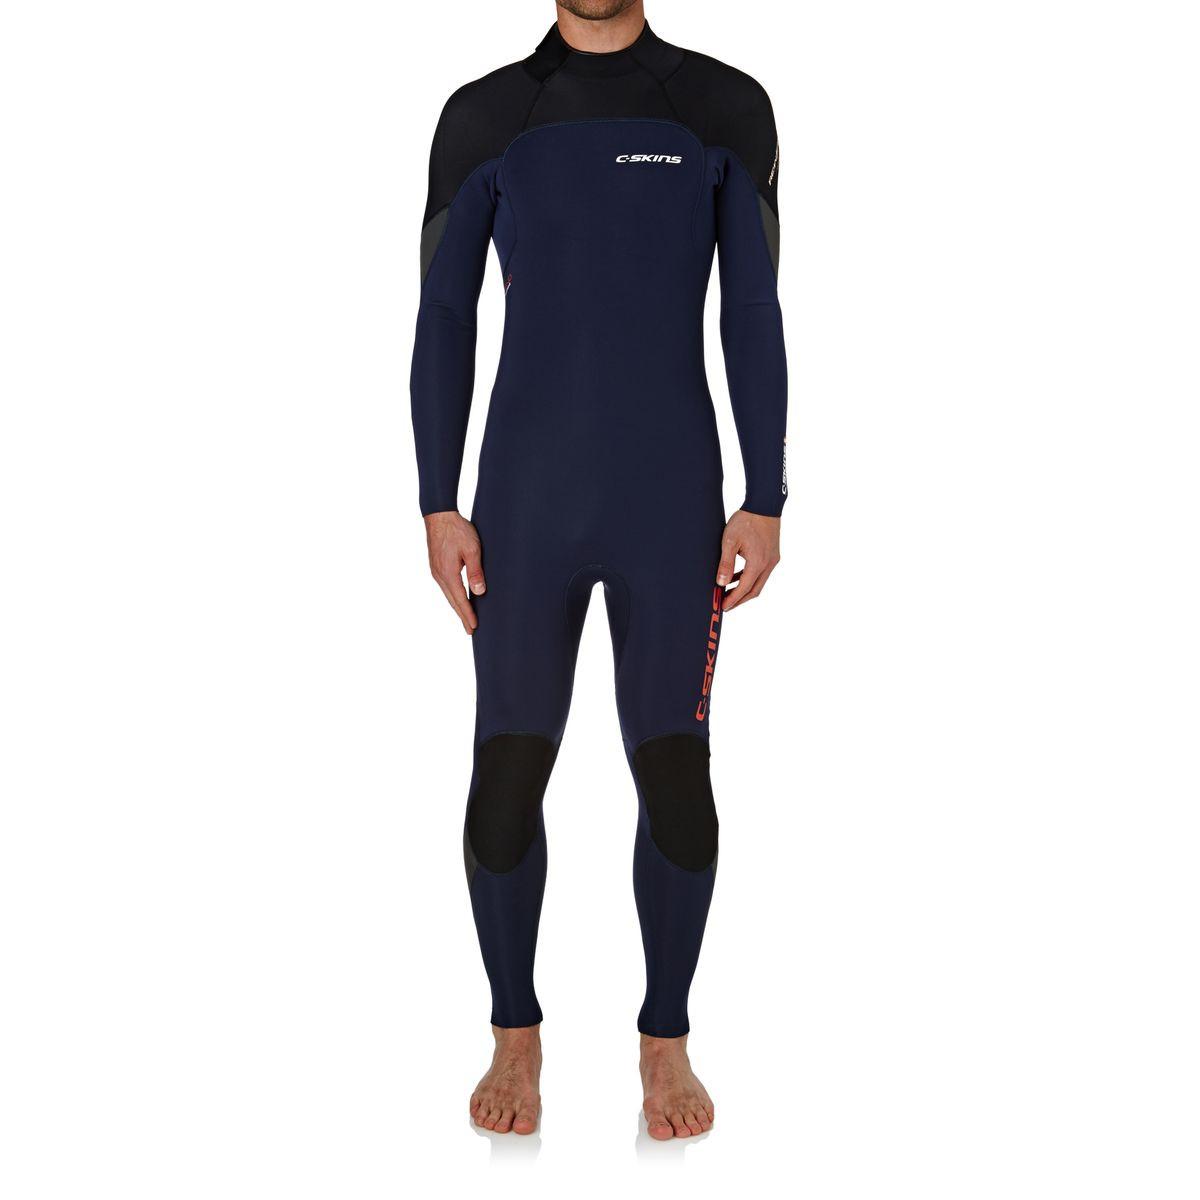 C-Skins Re-Wired 3/2mm 2017 Back Zip Wetsuit - Ink Blue/ Black/ Gunmetal